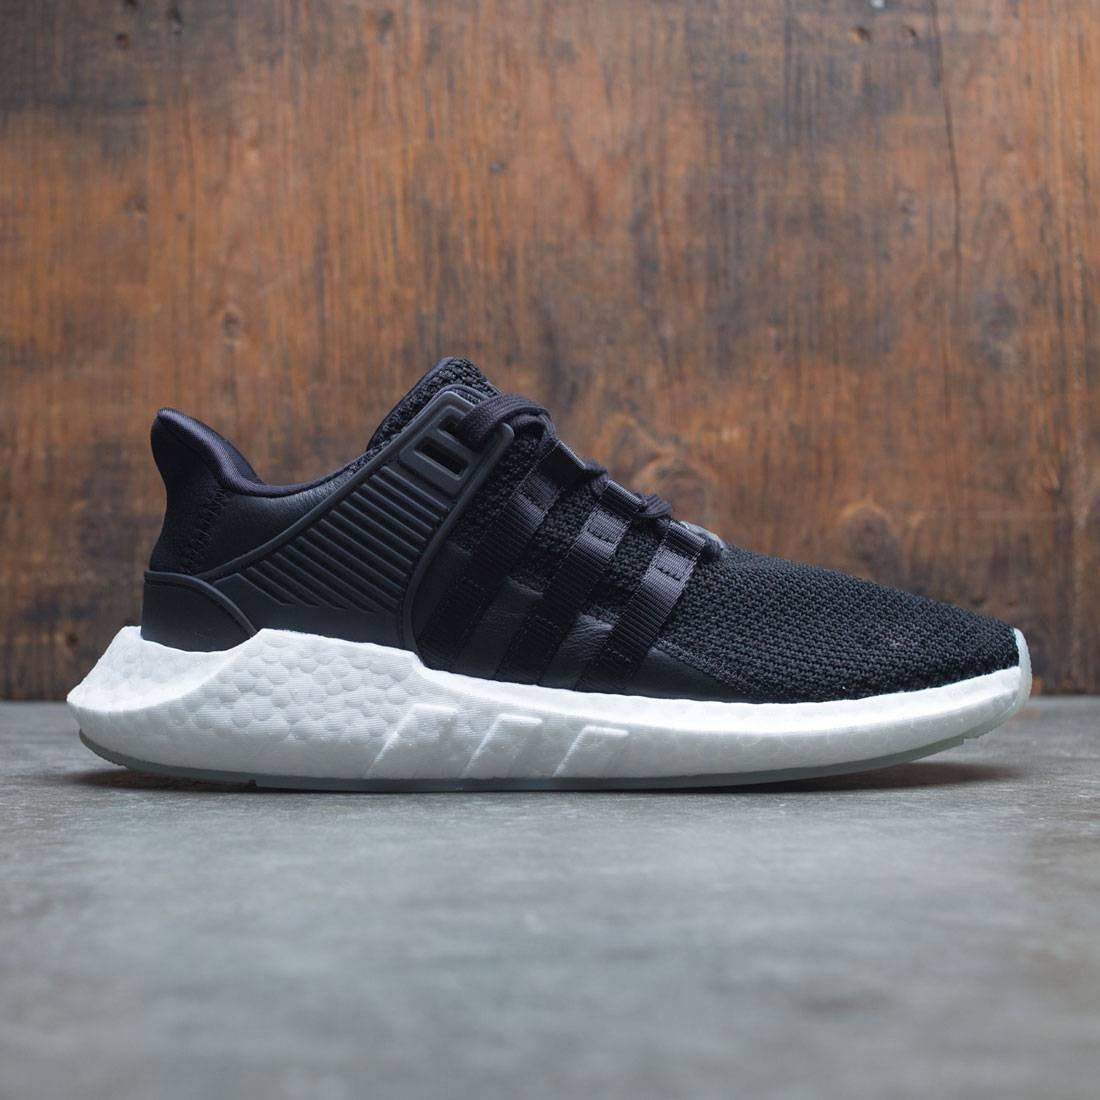 アディダス ADIDAS コア 黒 ブラック スニーカー メンズ 【 Men Eqt Support 93/17 (black / Core Black / Footwear White) 】 Black / Core Black / Footwear White